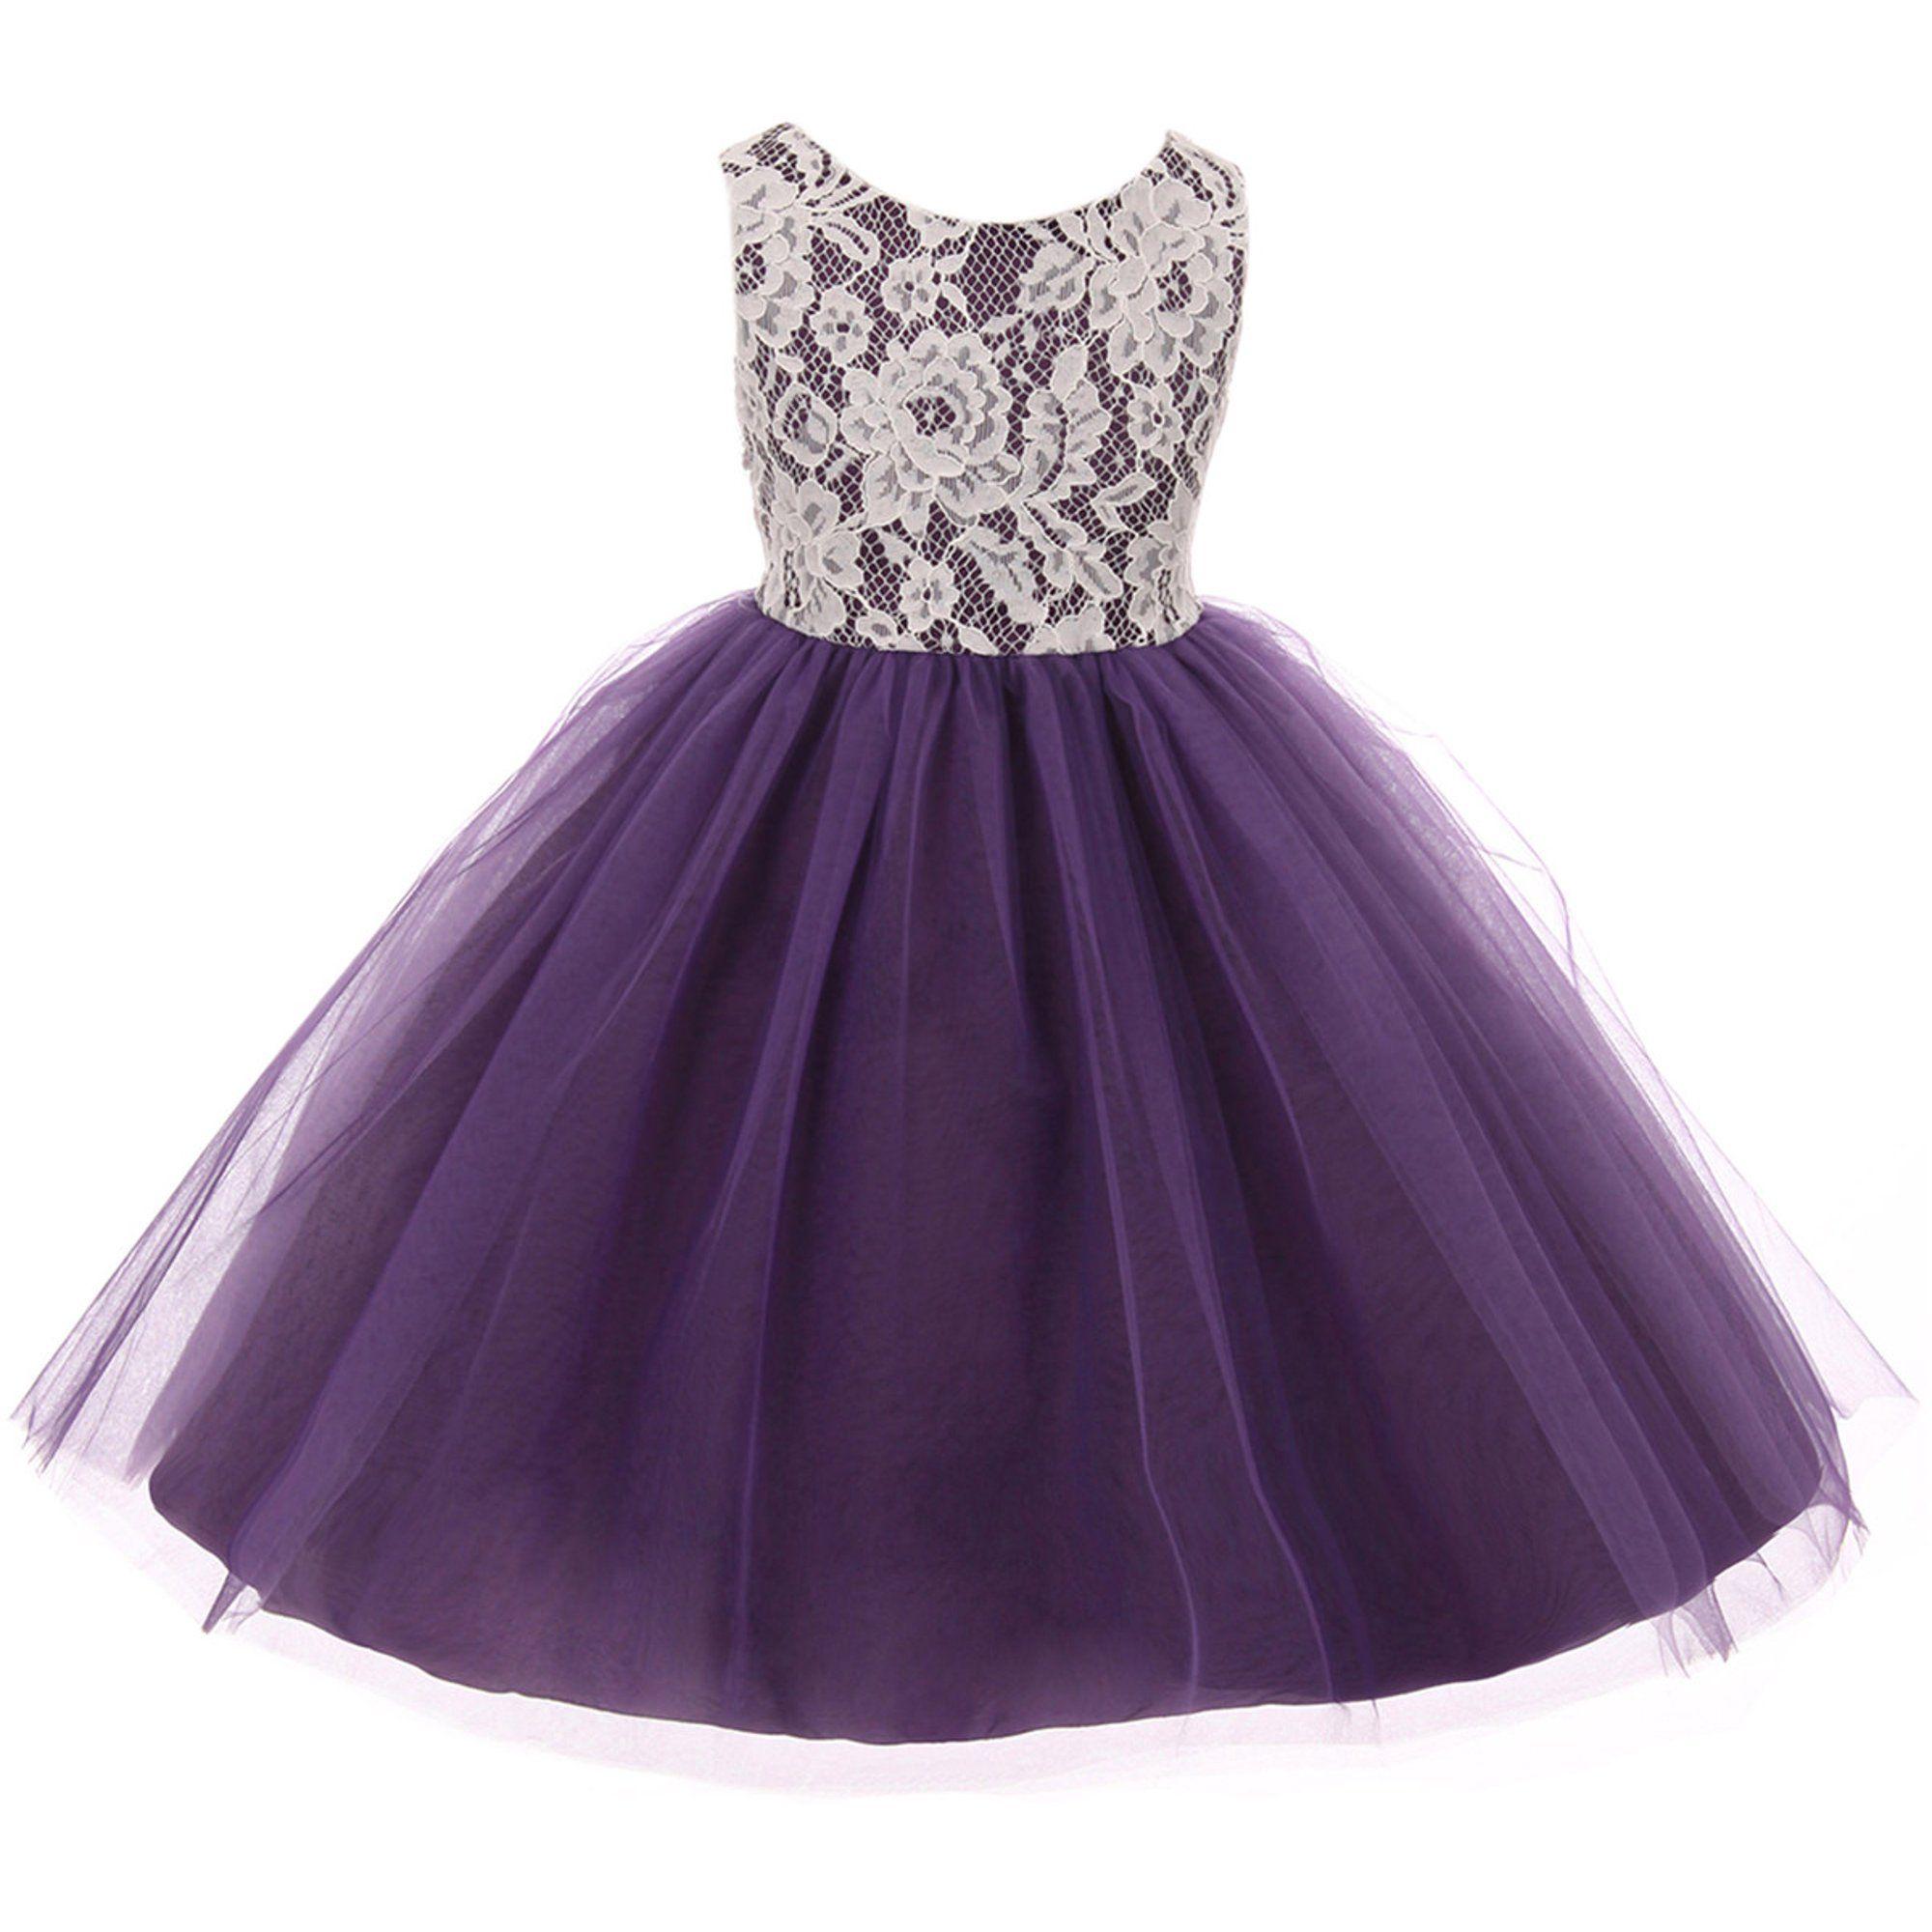 Bny Corner Little Girl Sleeveless Lace Bodice Illusion Tulle Easter Flower Girl Dres Flower Girl Dresses Tulle Purple Girls Dress Toddler Flower Girl Dresses [ 2000 x 2000 Pixel ]